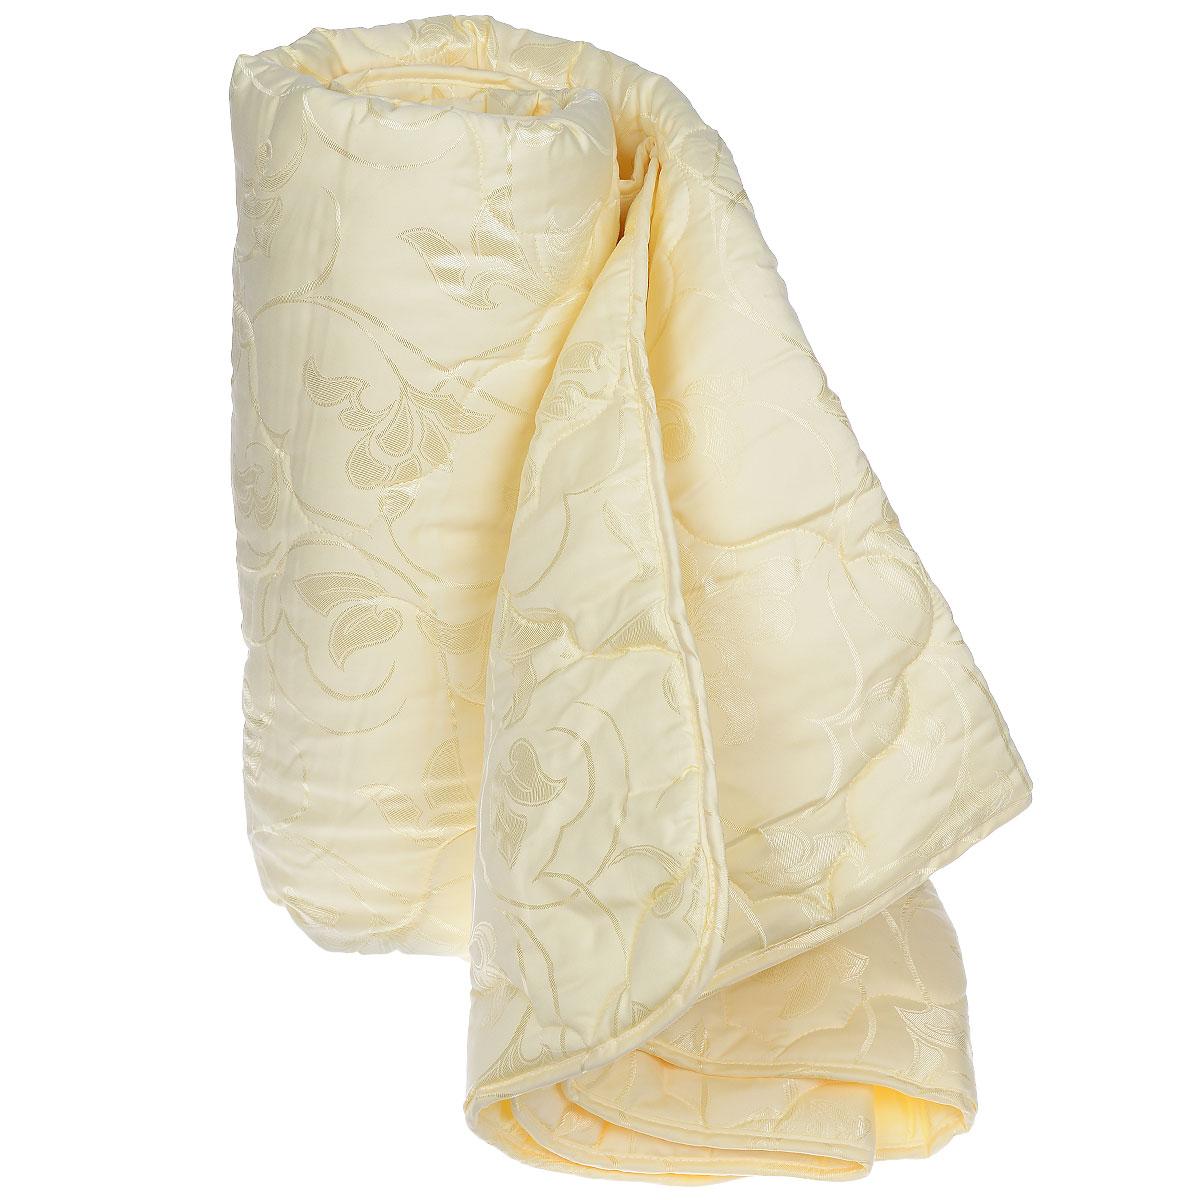 Одеяло Sova & Javoronok, наполнитель: шелковое волокно, цвет: бежевый, 200 см х 220 смCLP446Чехол одеяла Sova & Javoronok выполнен из благородного сатина бежевого цвета. Наполнитель - натуральное шелковое волокно.Особенности наполнителя: - обладает высокими сорбционными свойствами, создавая эффект сухого тепла; - регулирует температурный режим; - не вызывает аллергических реакций. Шелк всегда считался одним из самых элитных и роскошных материалов. Очень нежный, легкий, шелк отлично приспосабливается к температуре тела и окружающей среды. Летом с подушкой из шелка вы чувствуете прохладу, зимой - приятное тепло. В натуральном шелке не заводится и не живет пылевой клещ, также шелк обладает бактериостатическими свойствами (в нем не размножаются патогенные бактерии), в нем не живут и не размножаются грибки и сапрофиты. Натуральный шелк гипоаллергенен и рекомендован людям с аллергическими реакциями. При впитывании шелком влаги до 30% от собственного веса он остается сухим на ощупь. Натуральный шелк не электризуется. Одеяло Sova & Javoronok упакована в тканно-пластиковый чехол на змейке с ручками, что является чрезвычайно удобным при переноске.Рекомендации по уходу:- Стирка запрещена,- Нельзя отбеливать. При стирке не использовать средства, содержащие отбеливатели (хлор),- Не гладить. Не применять обработку паром,- Химчистка с использованием углеводорода, хлорного этилена,- Нельзя выжимать и сушить в стиральной машине. Размер одеяла: 200 см х 220 см.Материал чехла: сатин (100% хлопок). Материал наполнителя: шелковое волокно.